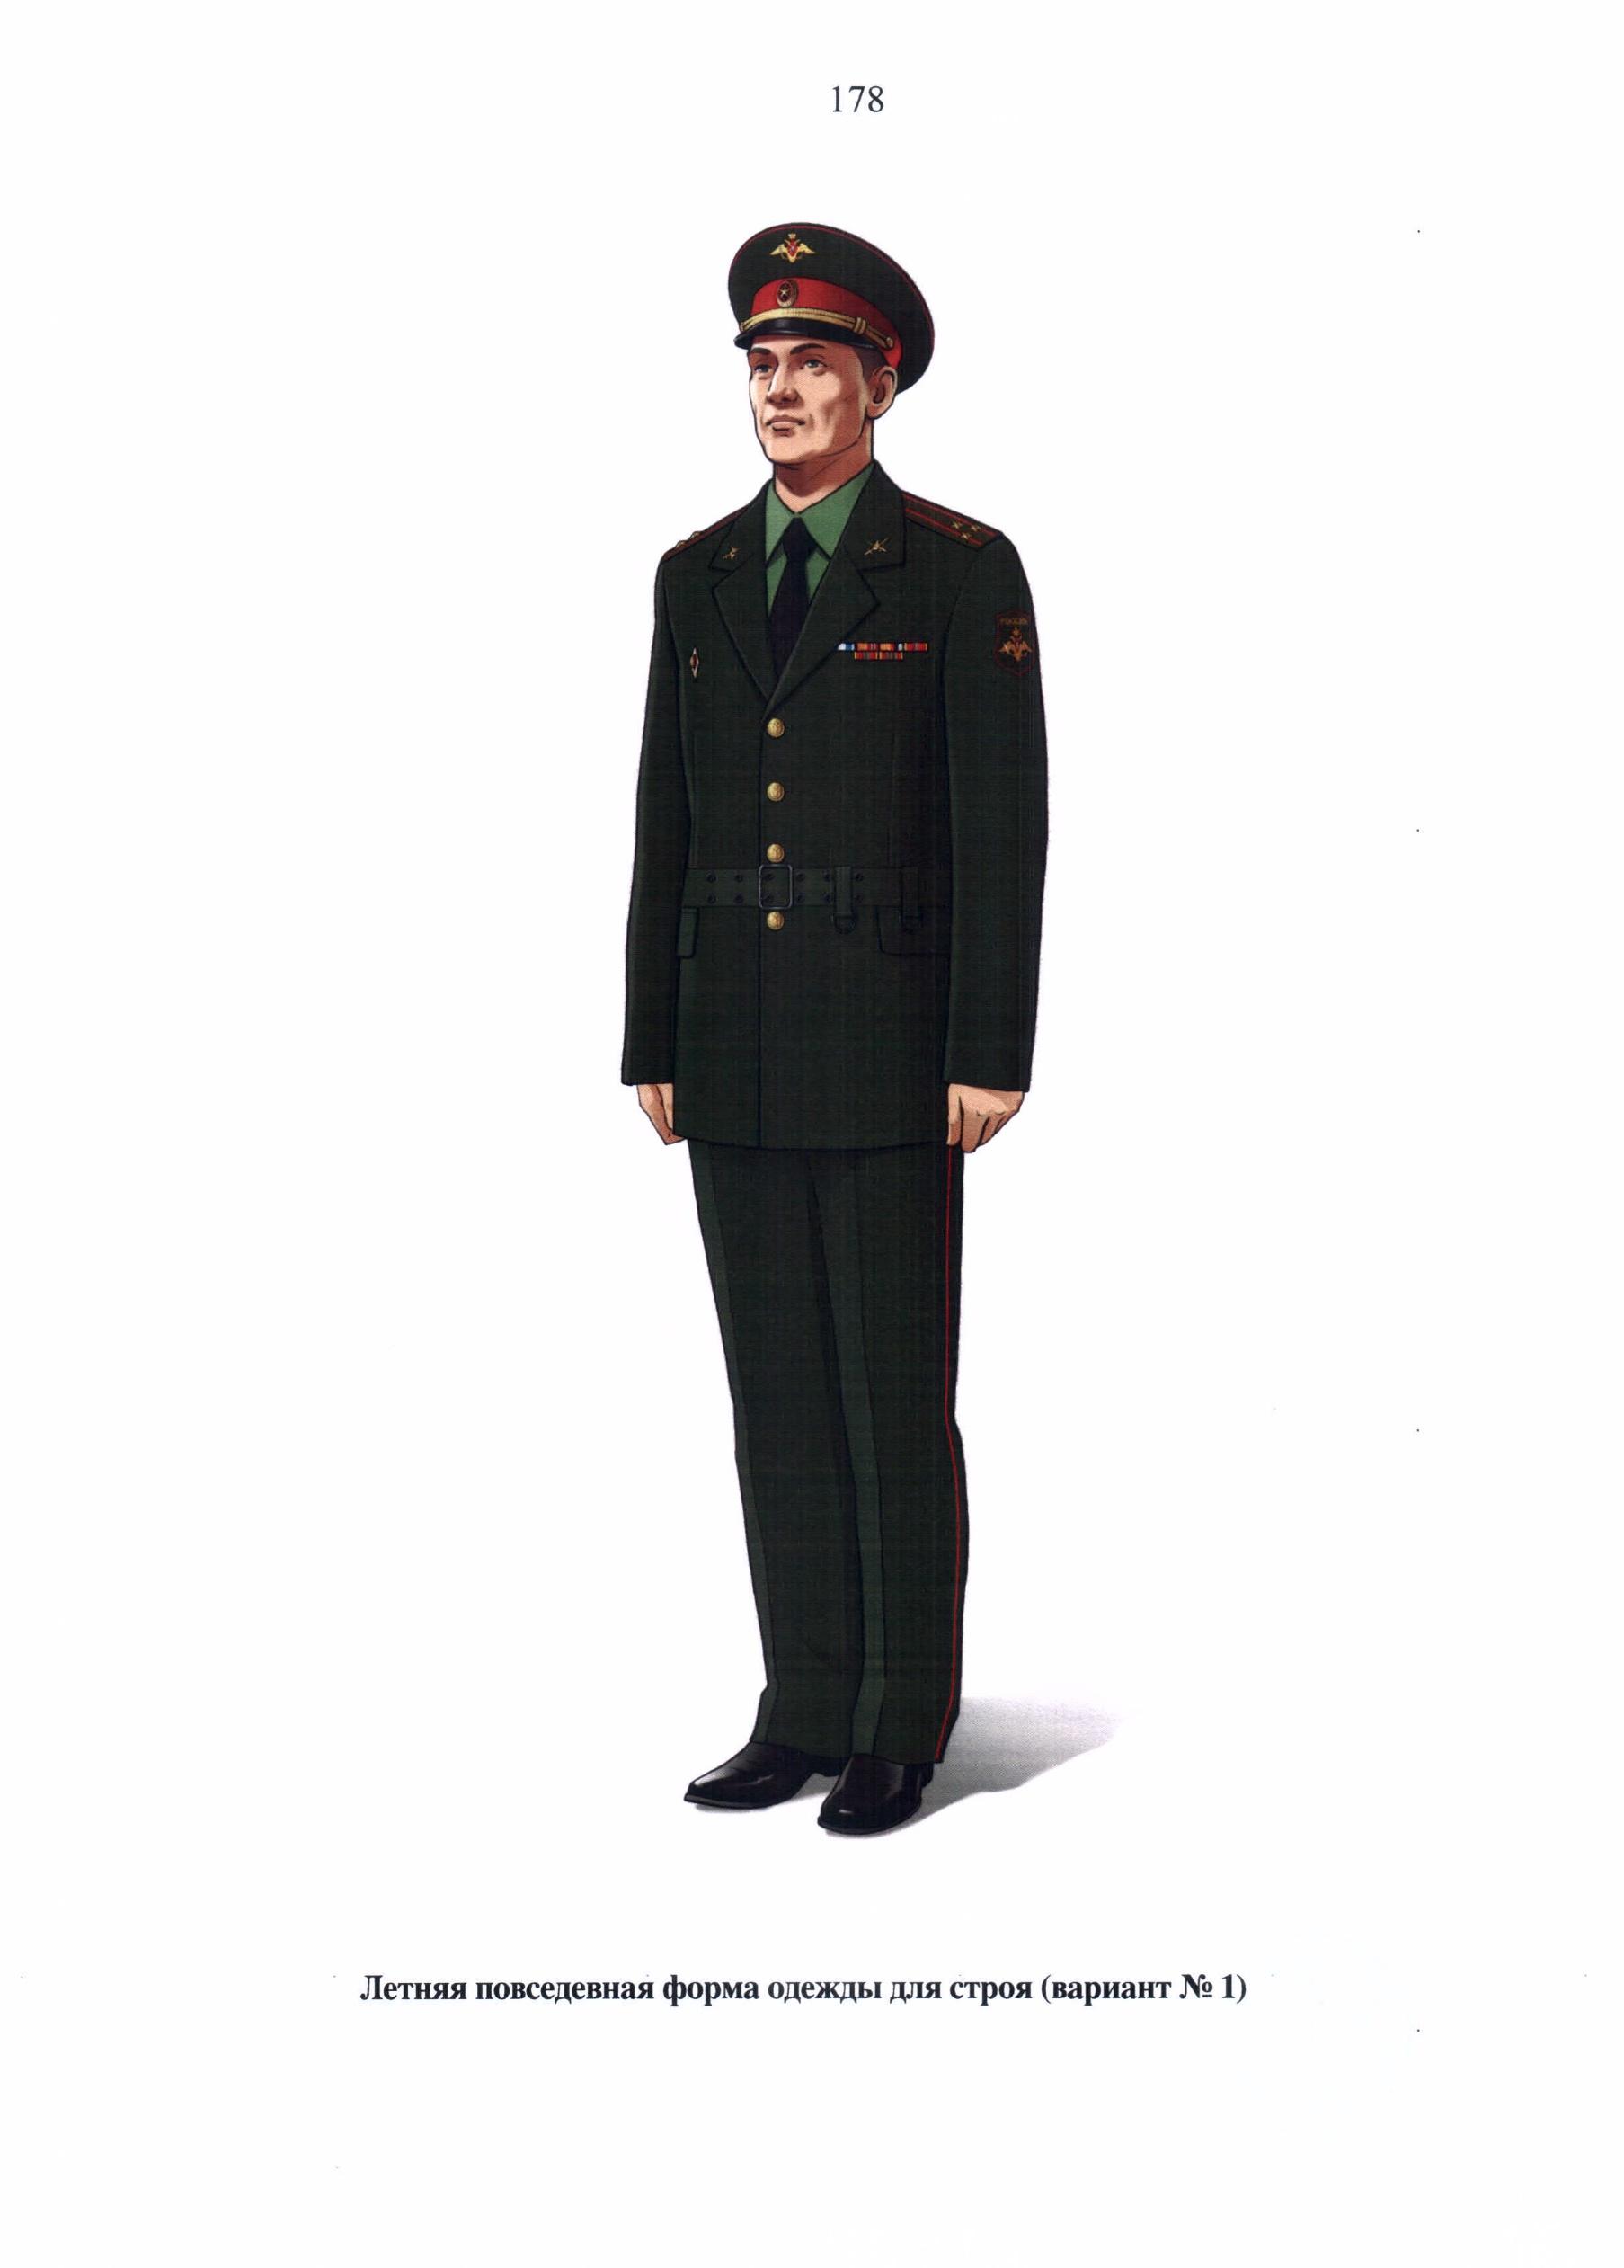 C:\Users\User\Desktop\Приказ МО РФ от 22.06.2015 г. № 300 Правила ношения военной формы одежды\181838.JPG